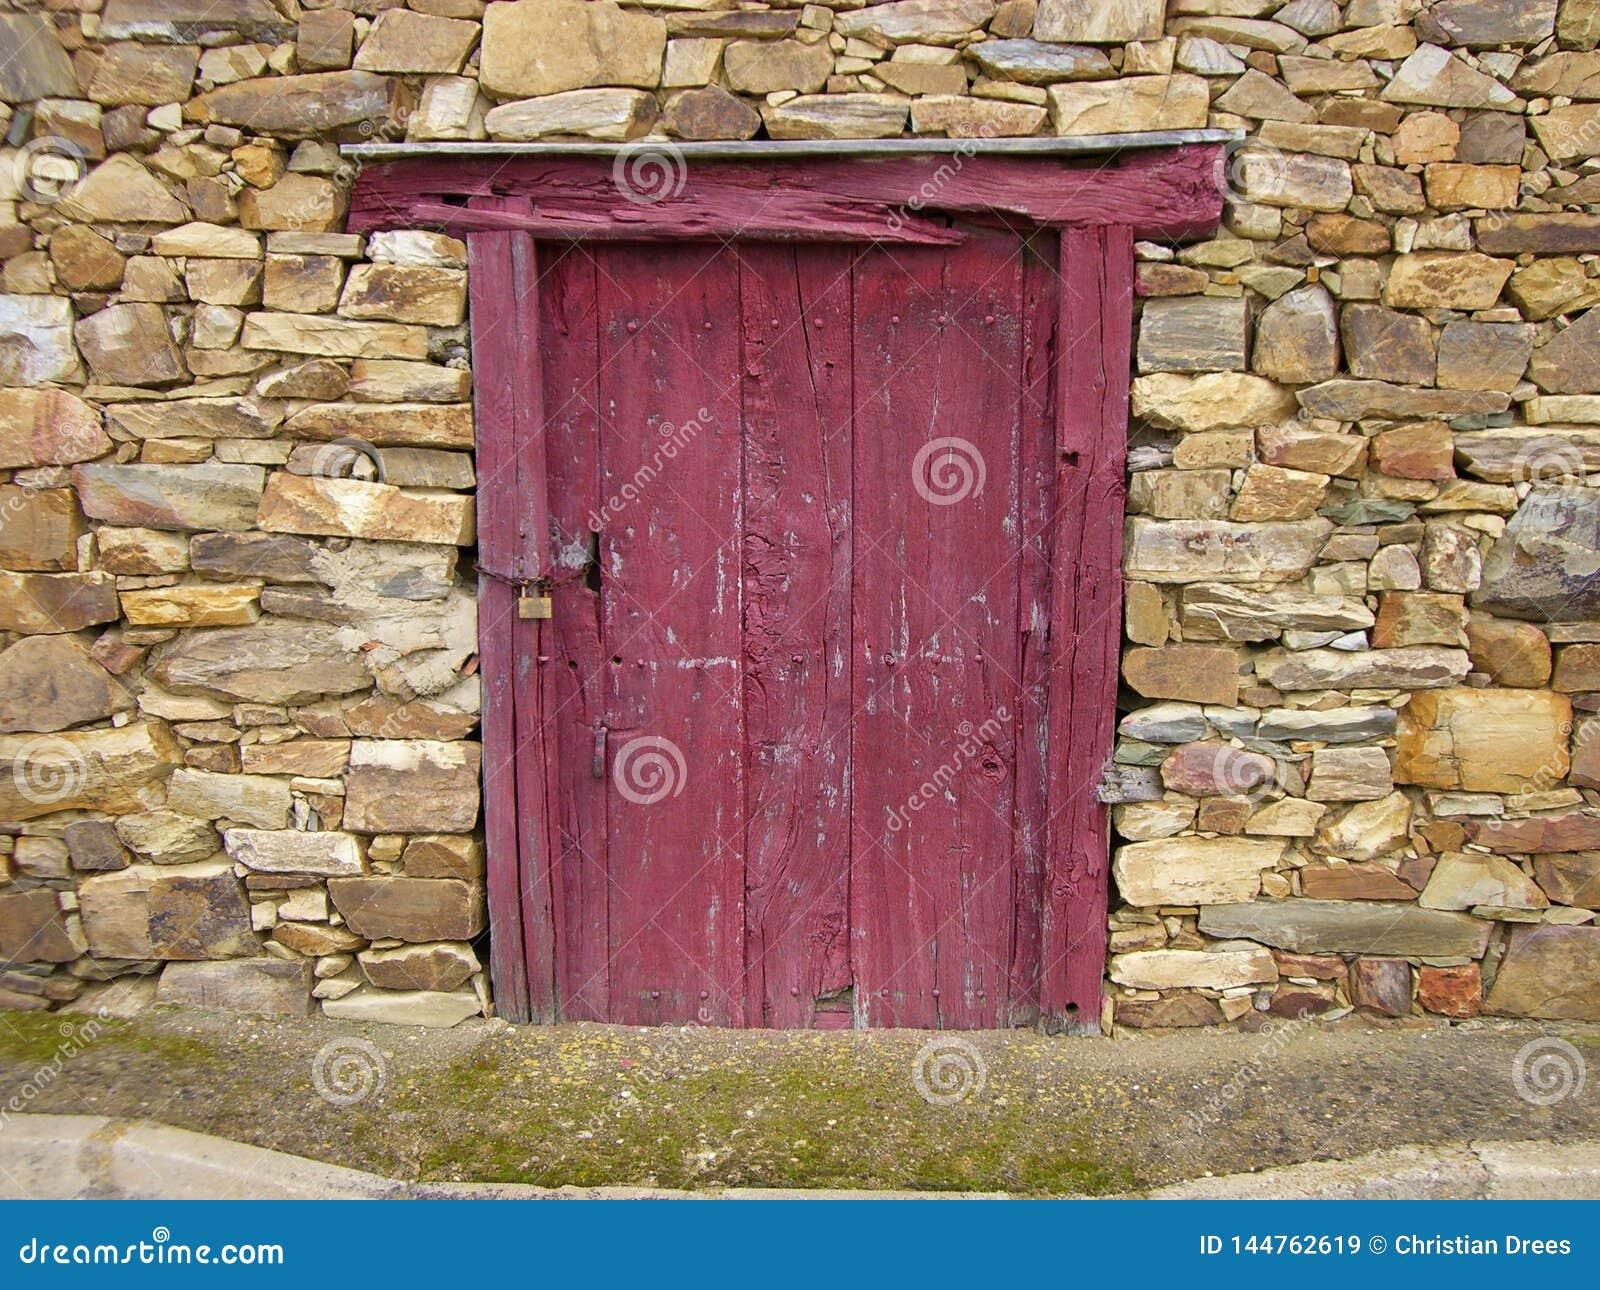 Preguntándose quién vive detrás de esa puerta